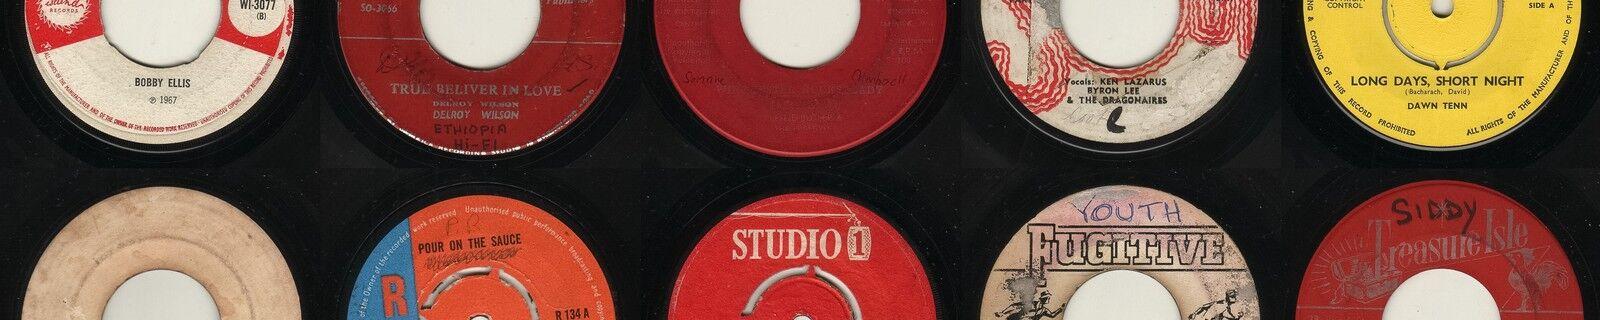 Love 45s Record Store